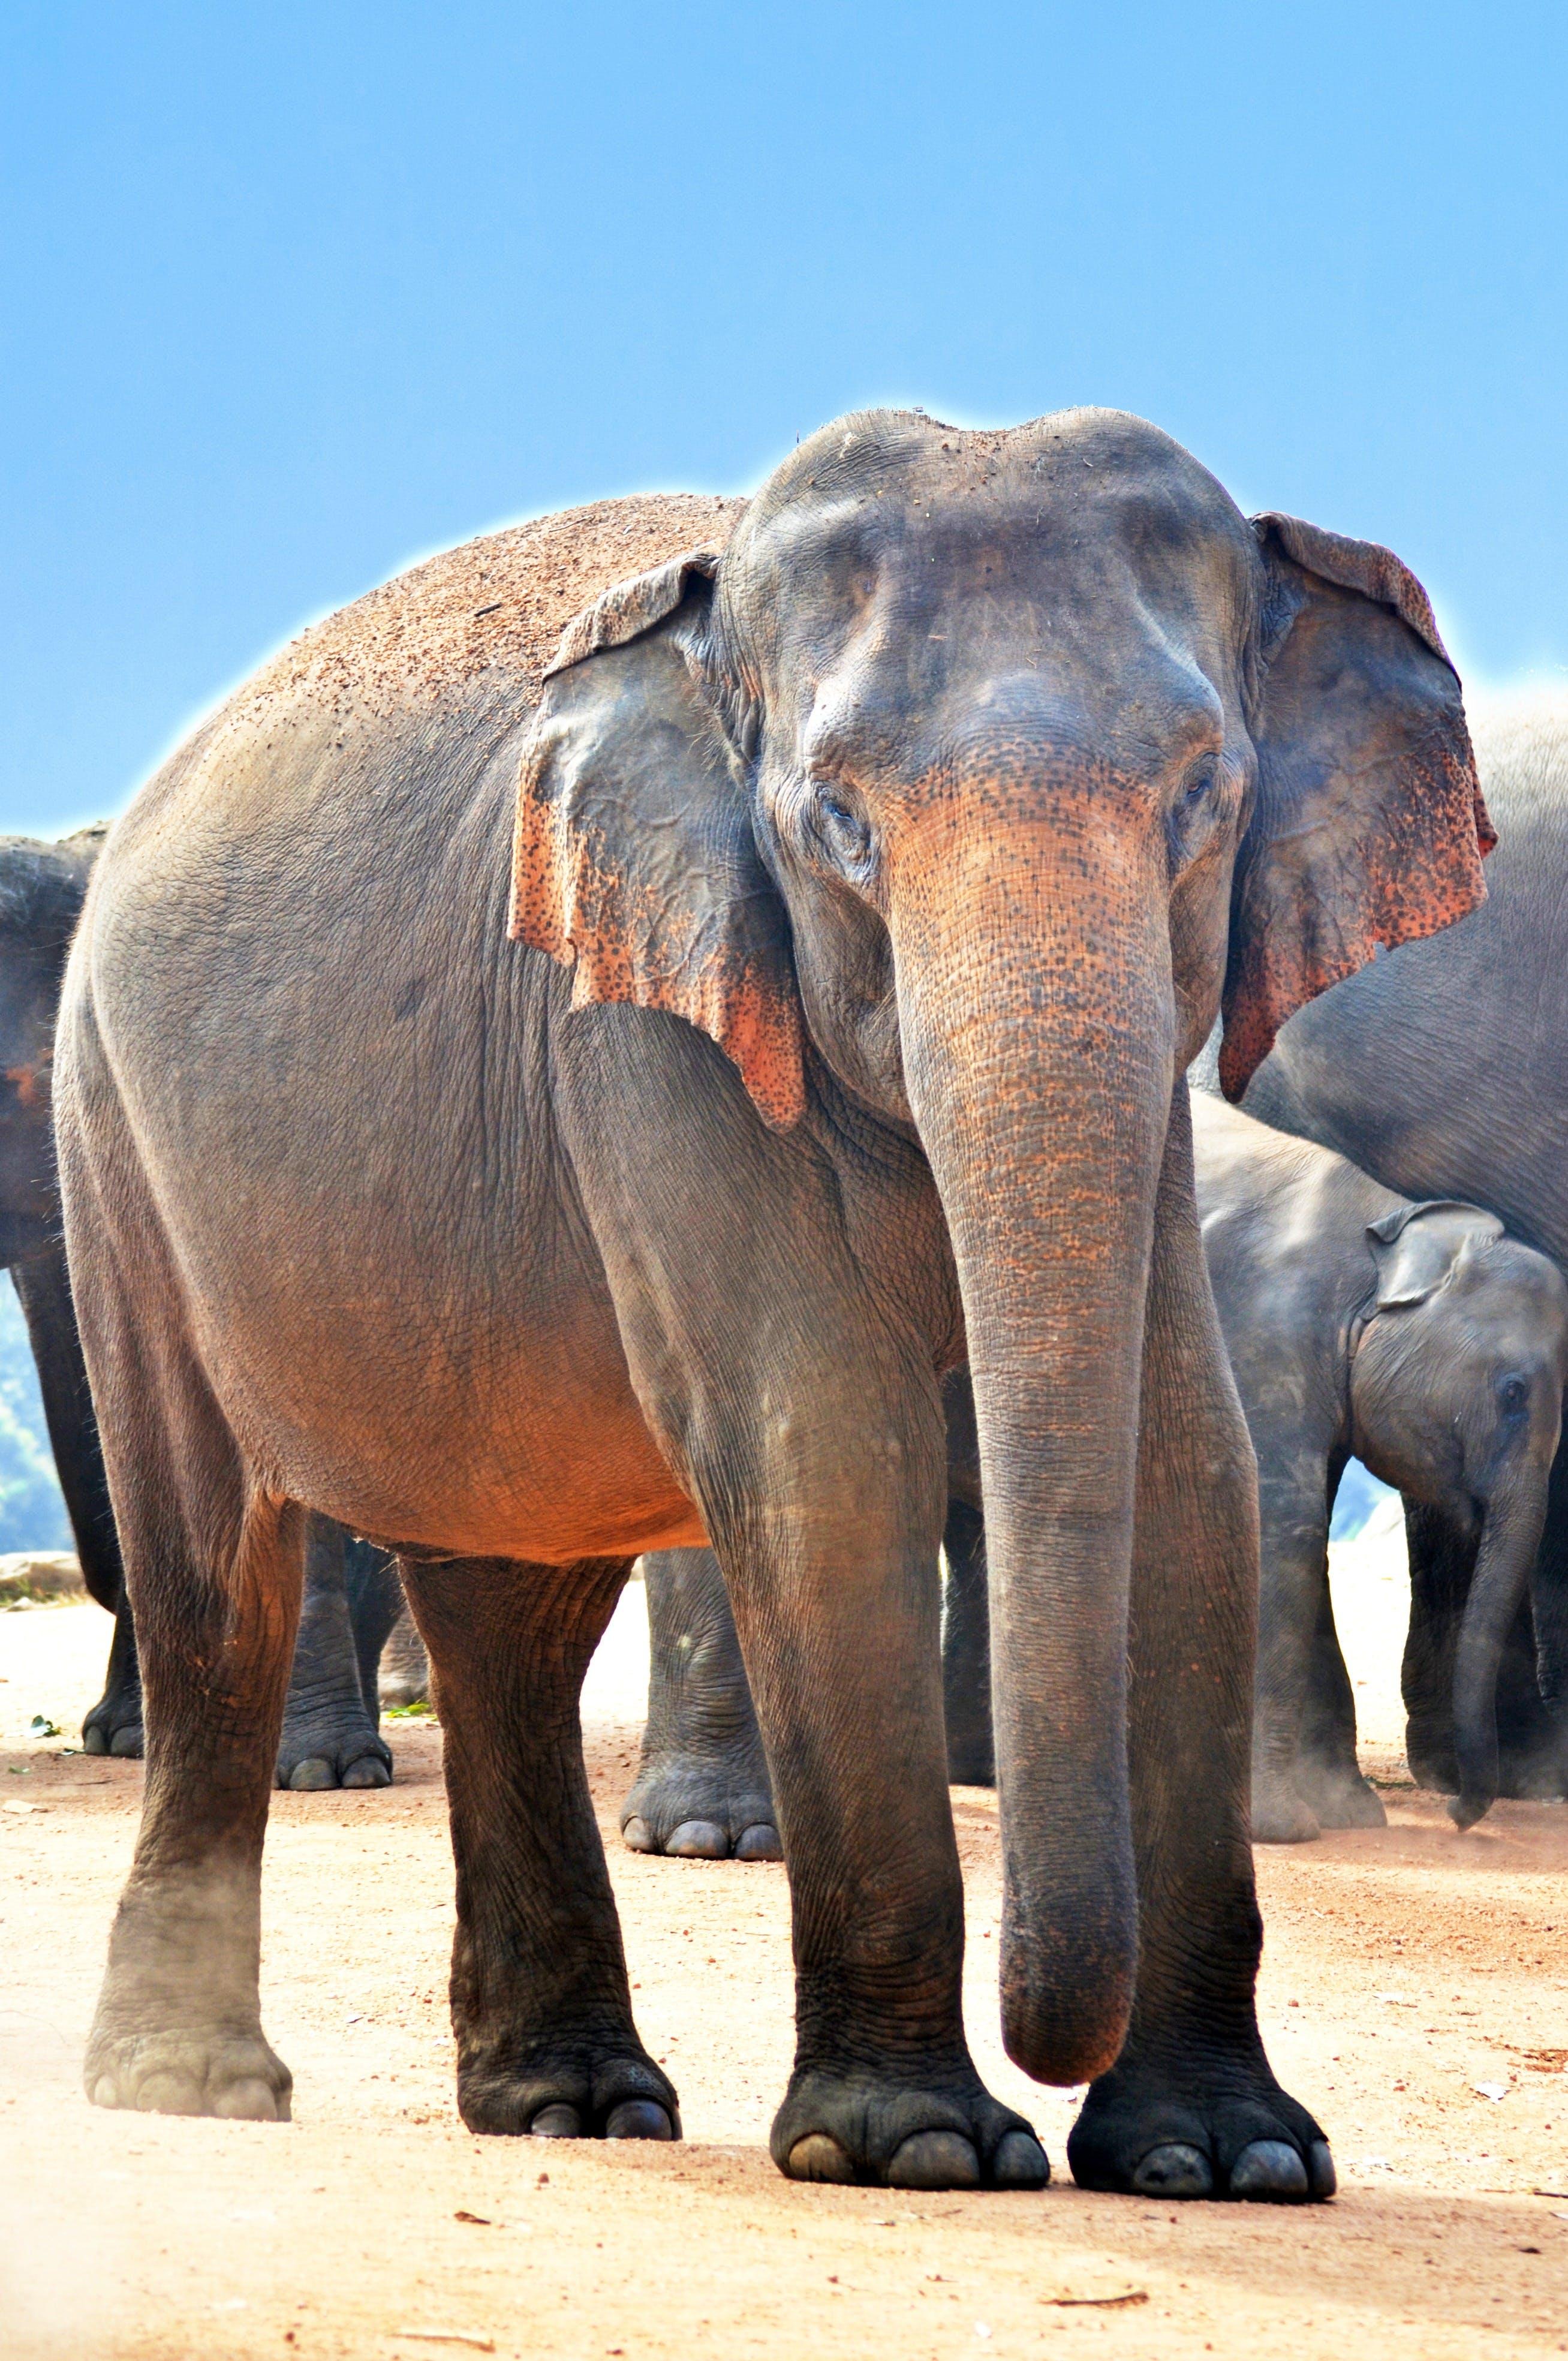 Ingyenes stockfotó állatfotók, állatok, elefántok, közelkép témában